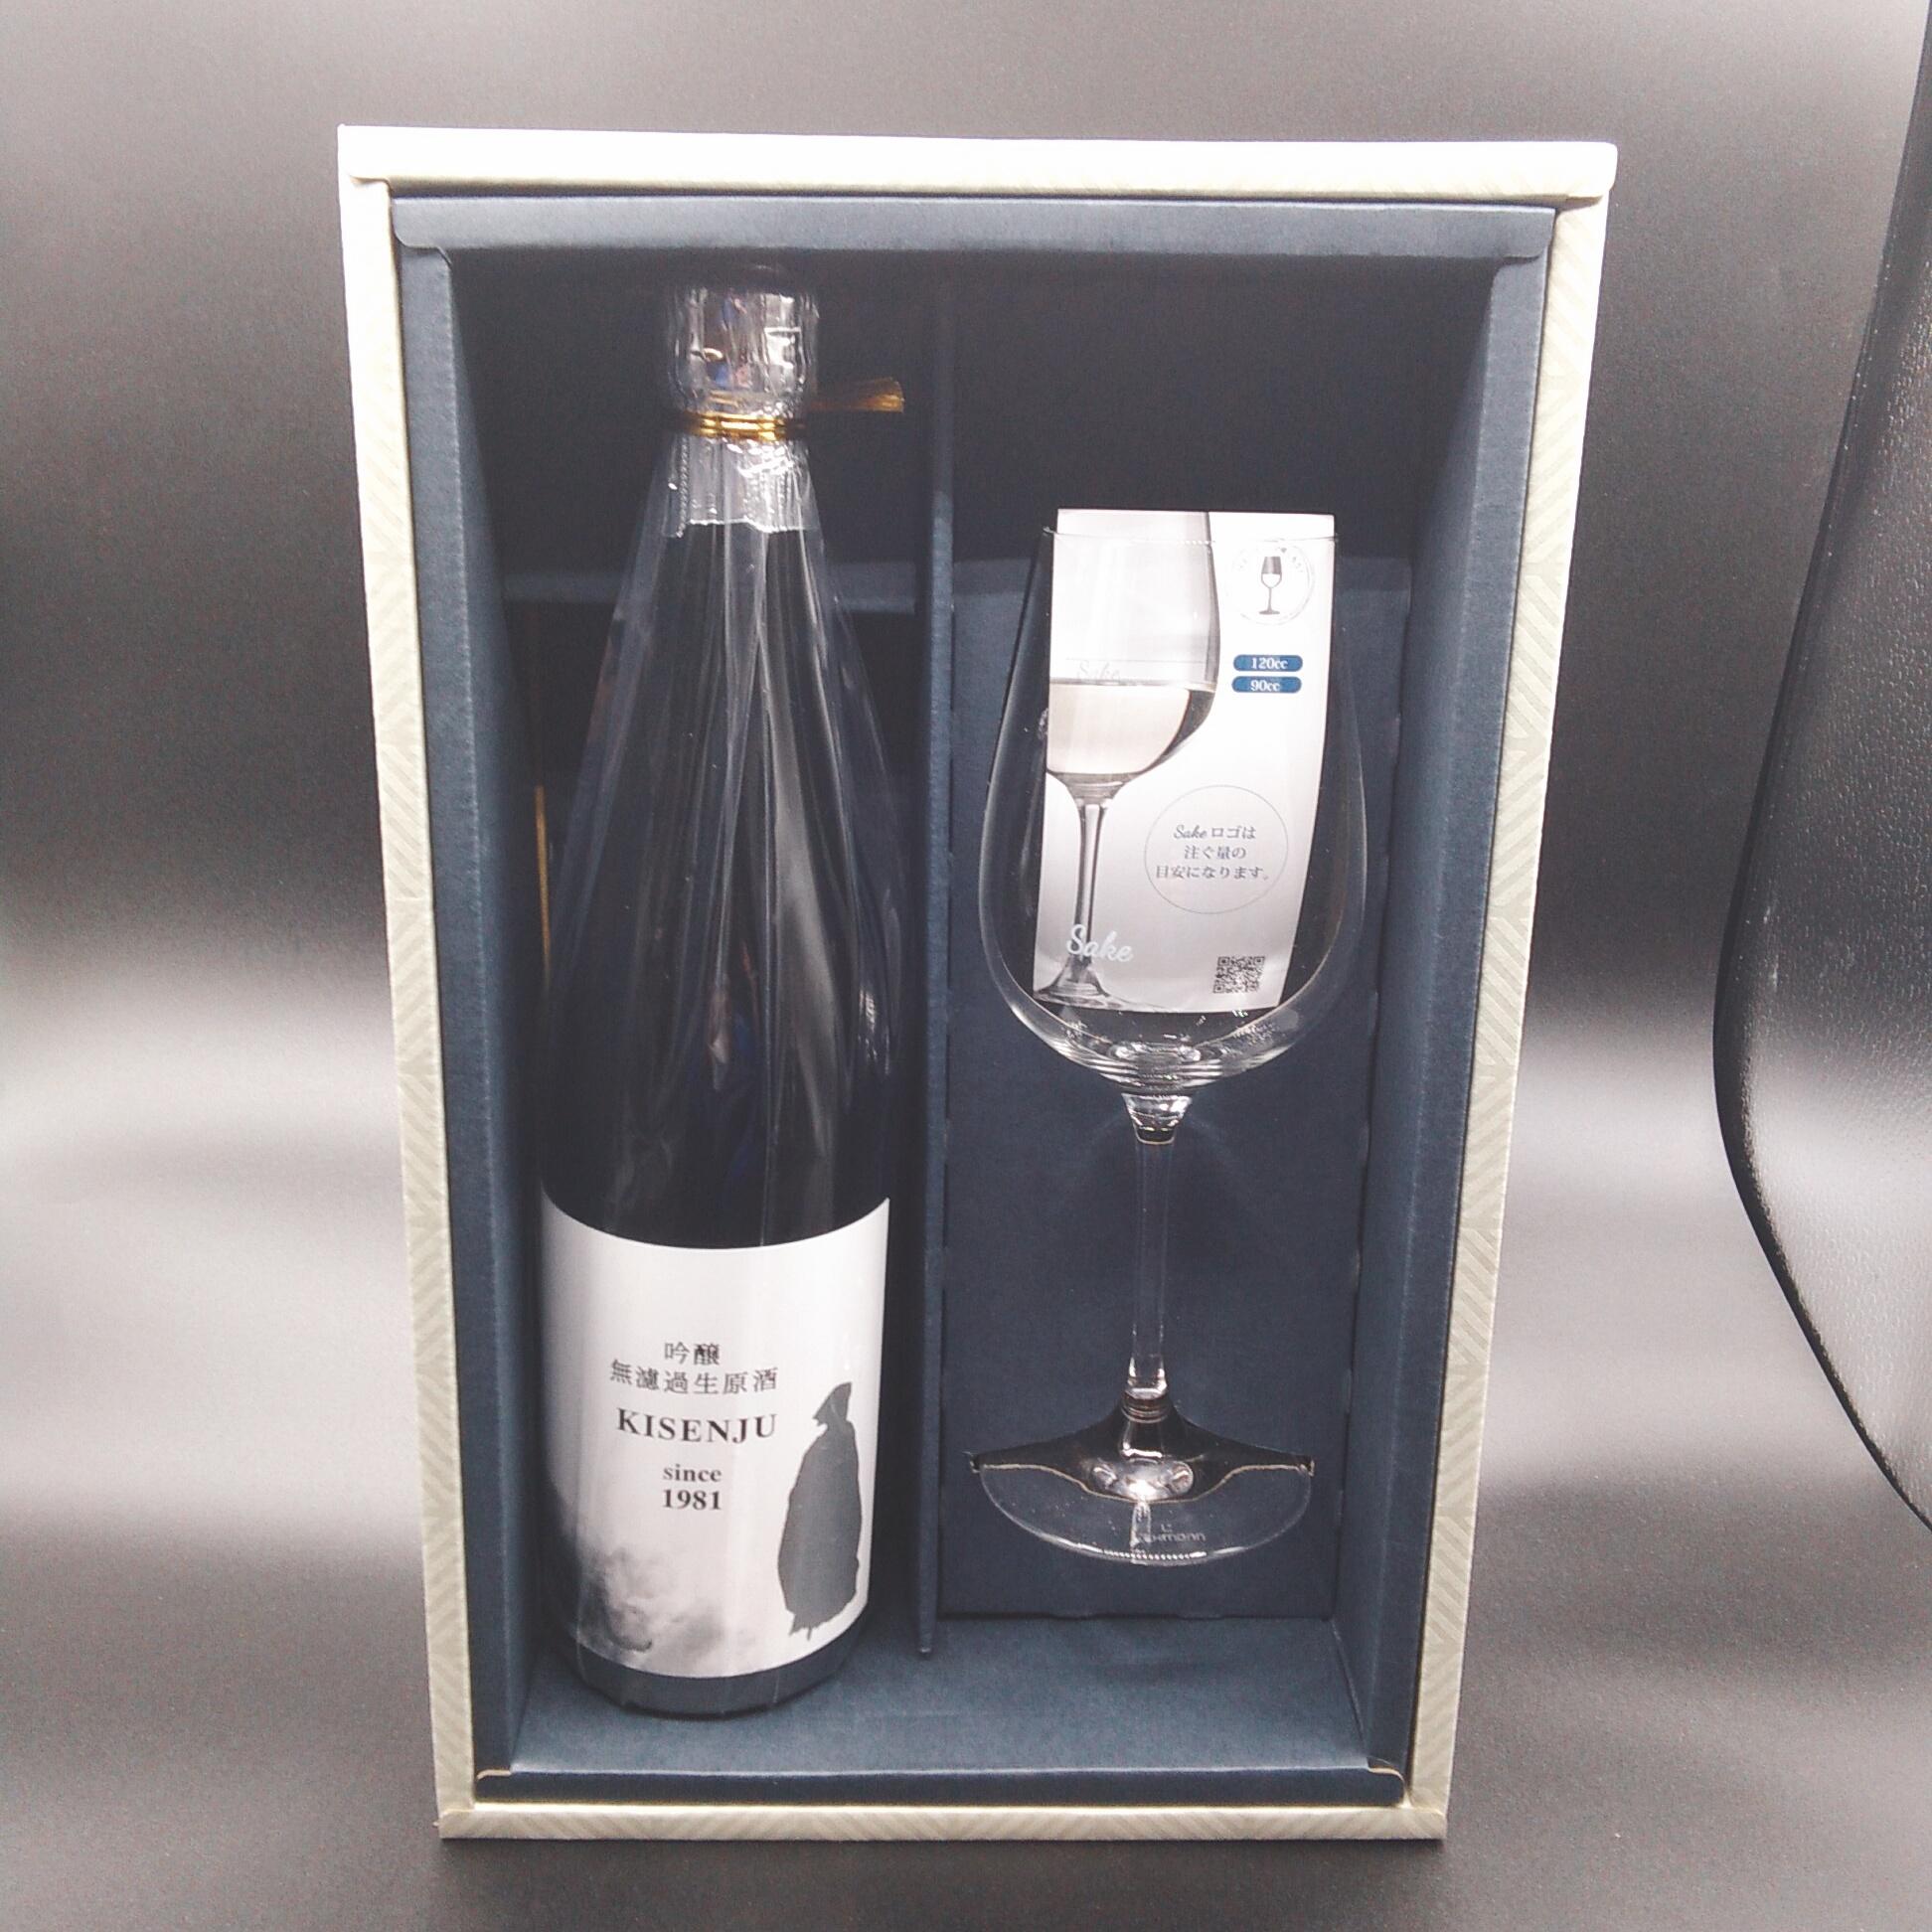 2/1  プレゼント企画 吟醸無濾過生原酒 KISENJU 720ml 清酒グラスセット